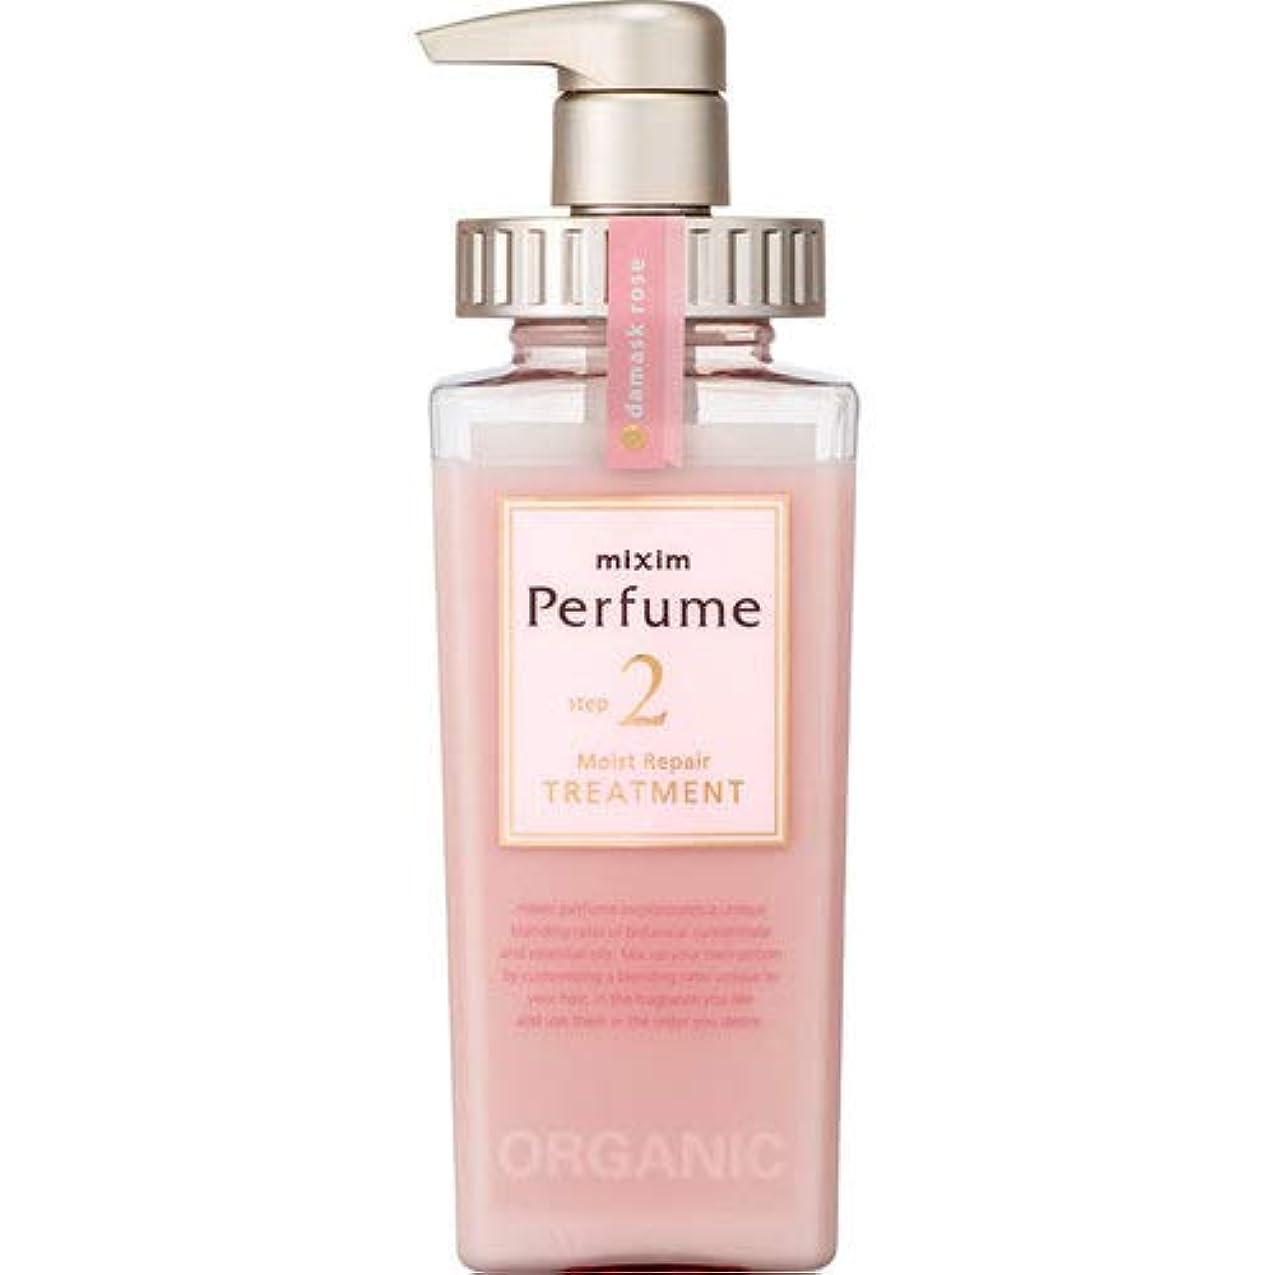 消えるローマ人野菜mixim Perfume(ミクシムパフューム) モイストリペア ヘアトリートメント 440g